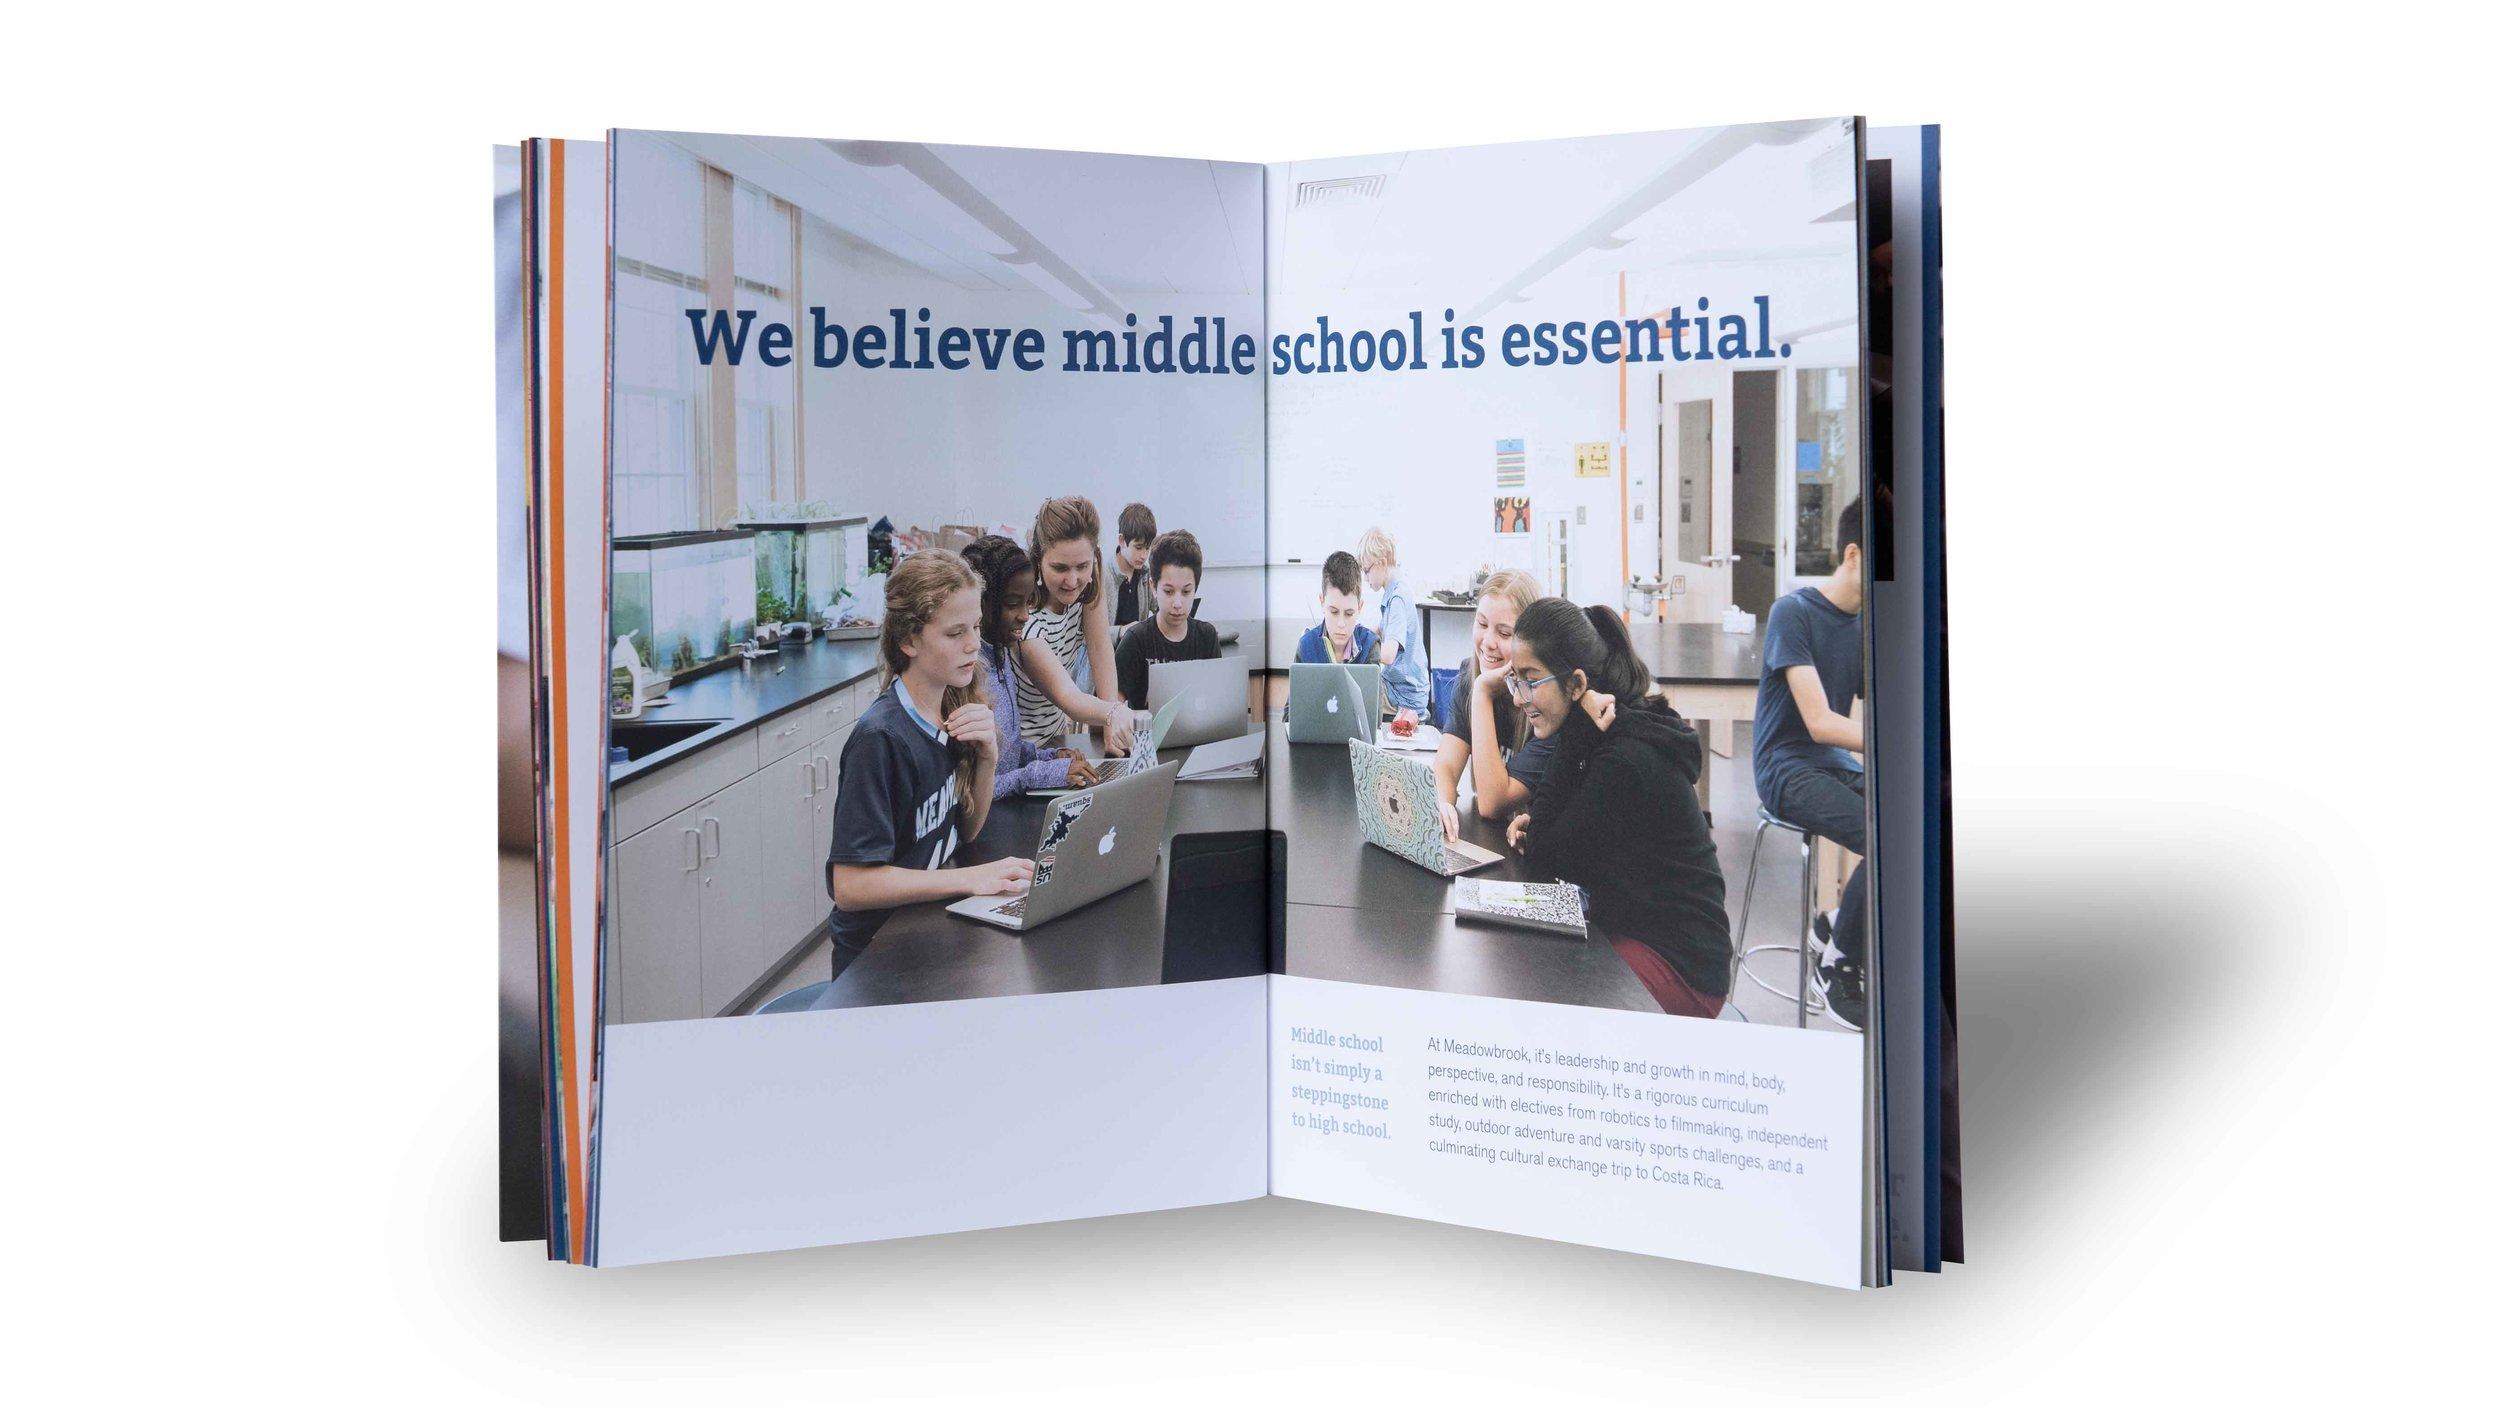 Meadowbrook-School-Creosote-Affects-Viewbook-9.jpg